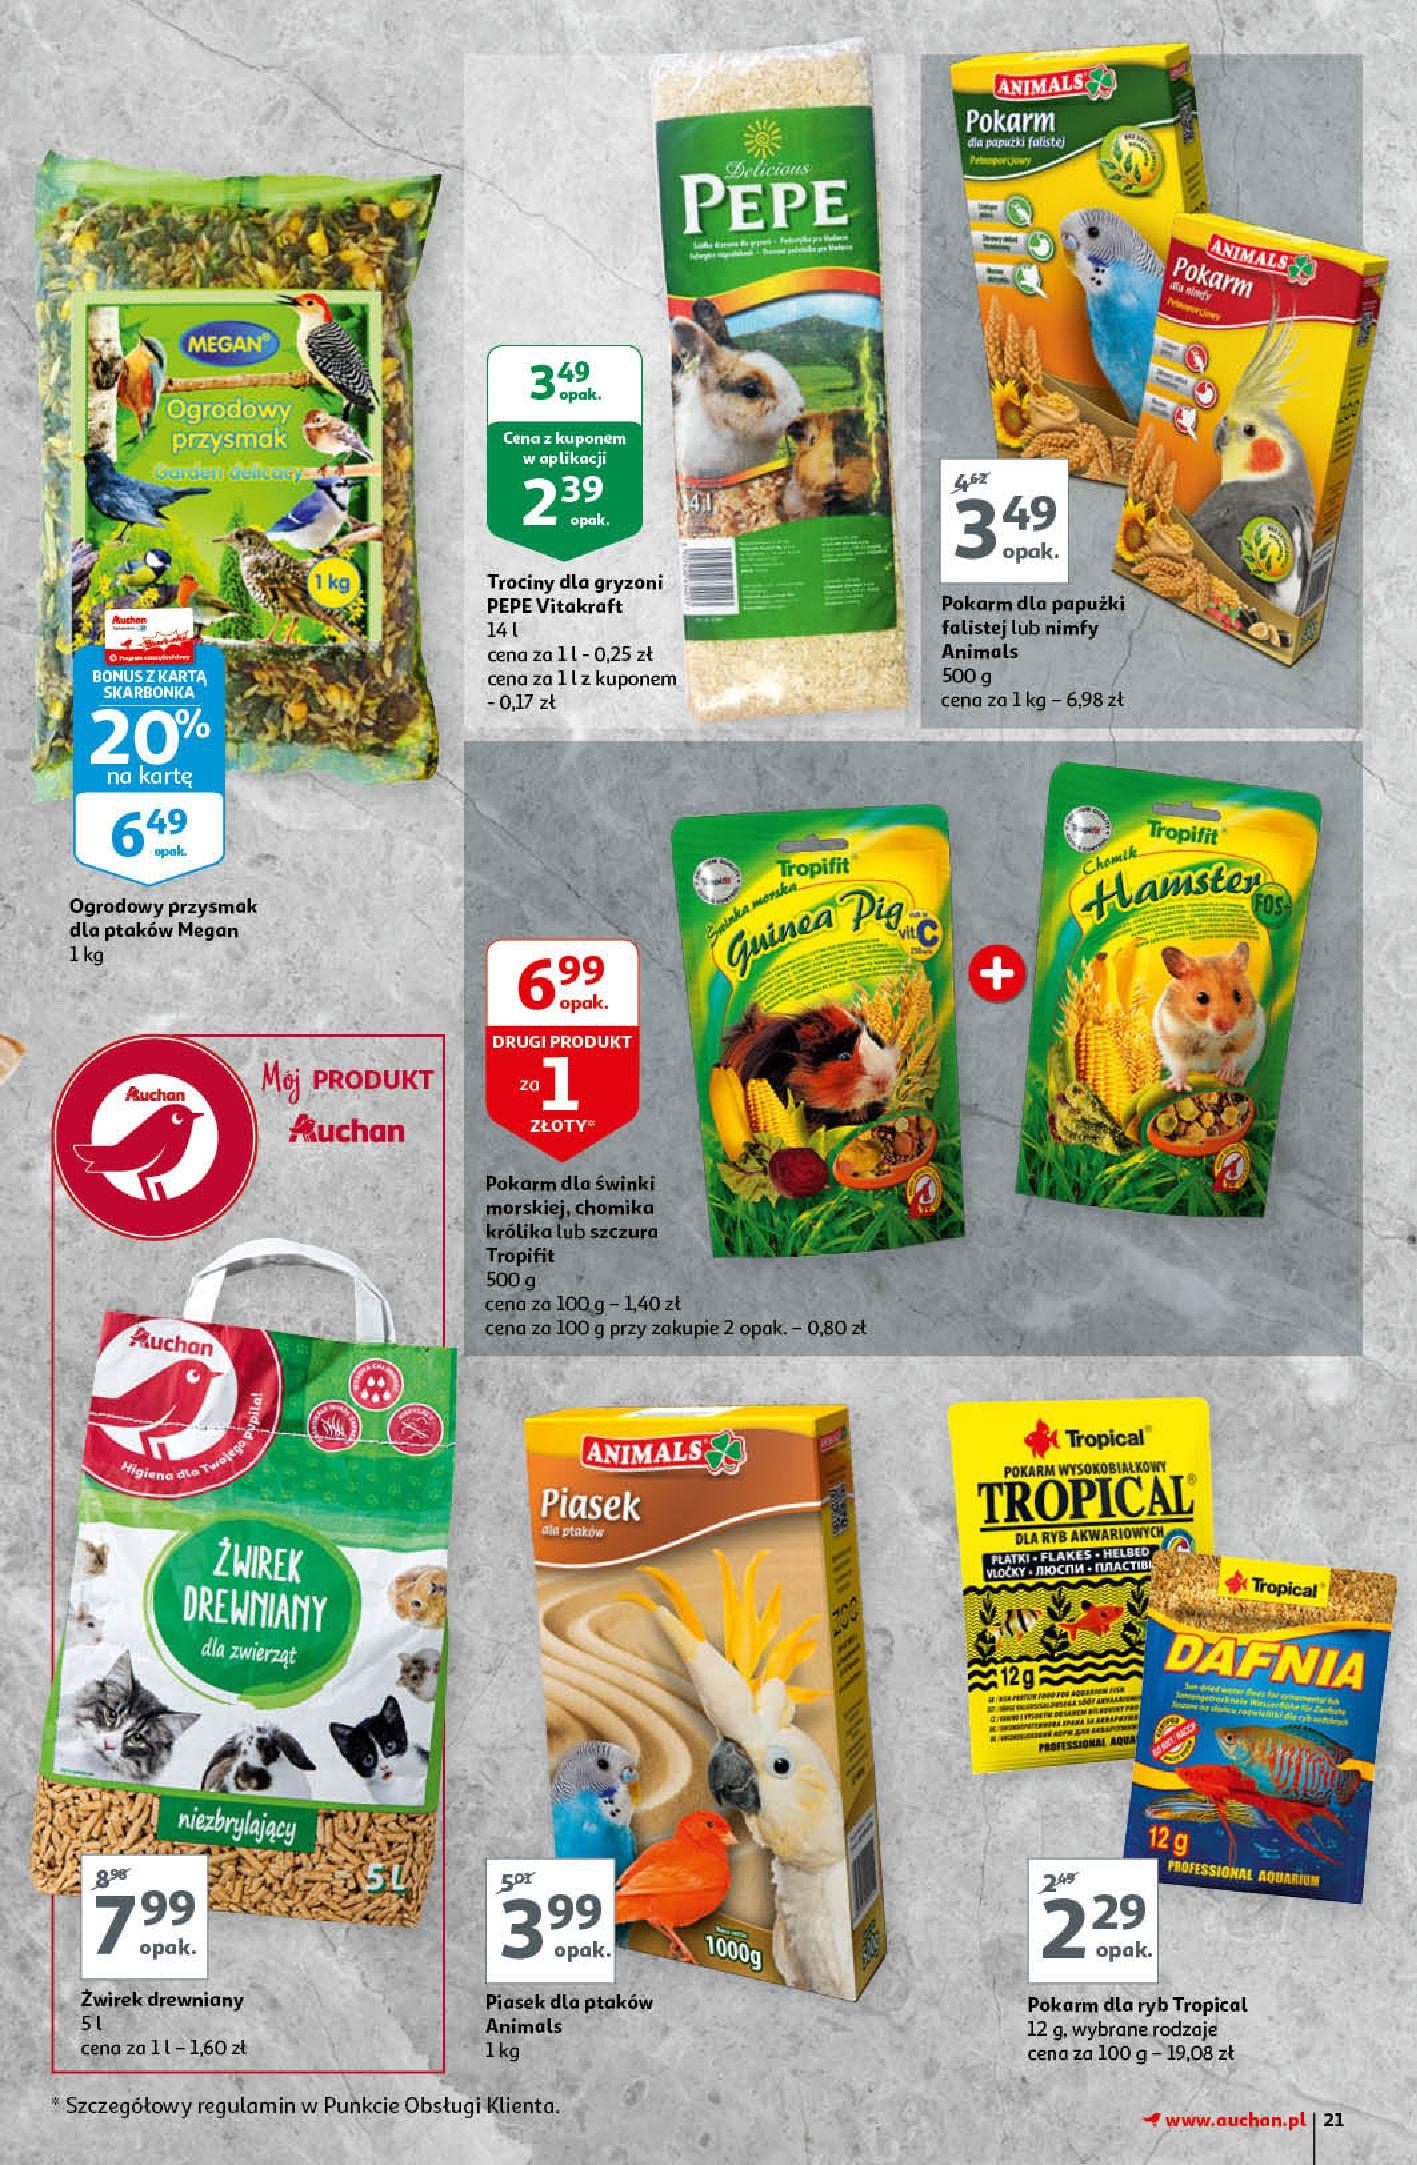 Gazetka Auchan - A love You Hipermarkety-12.02.2020-19.02.2020-page-21